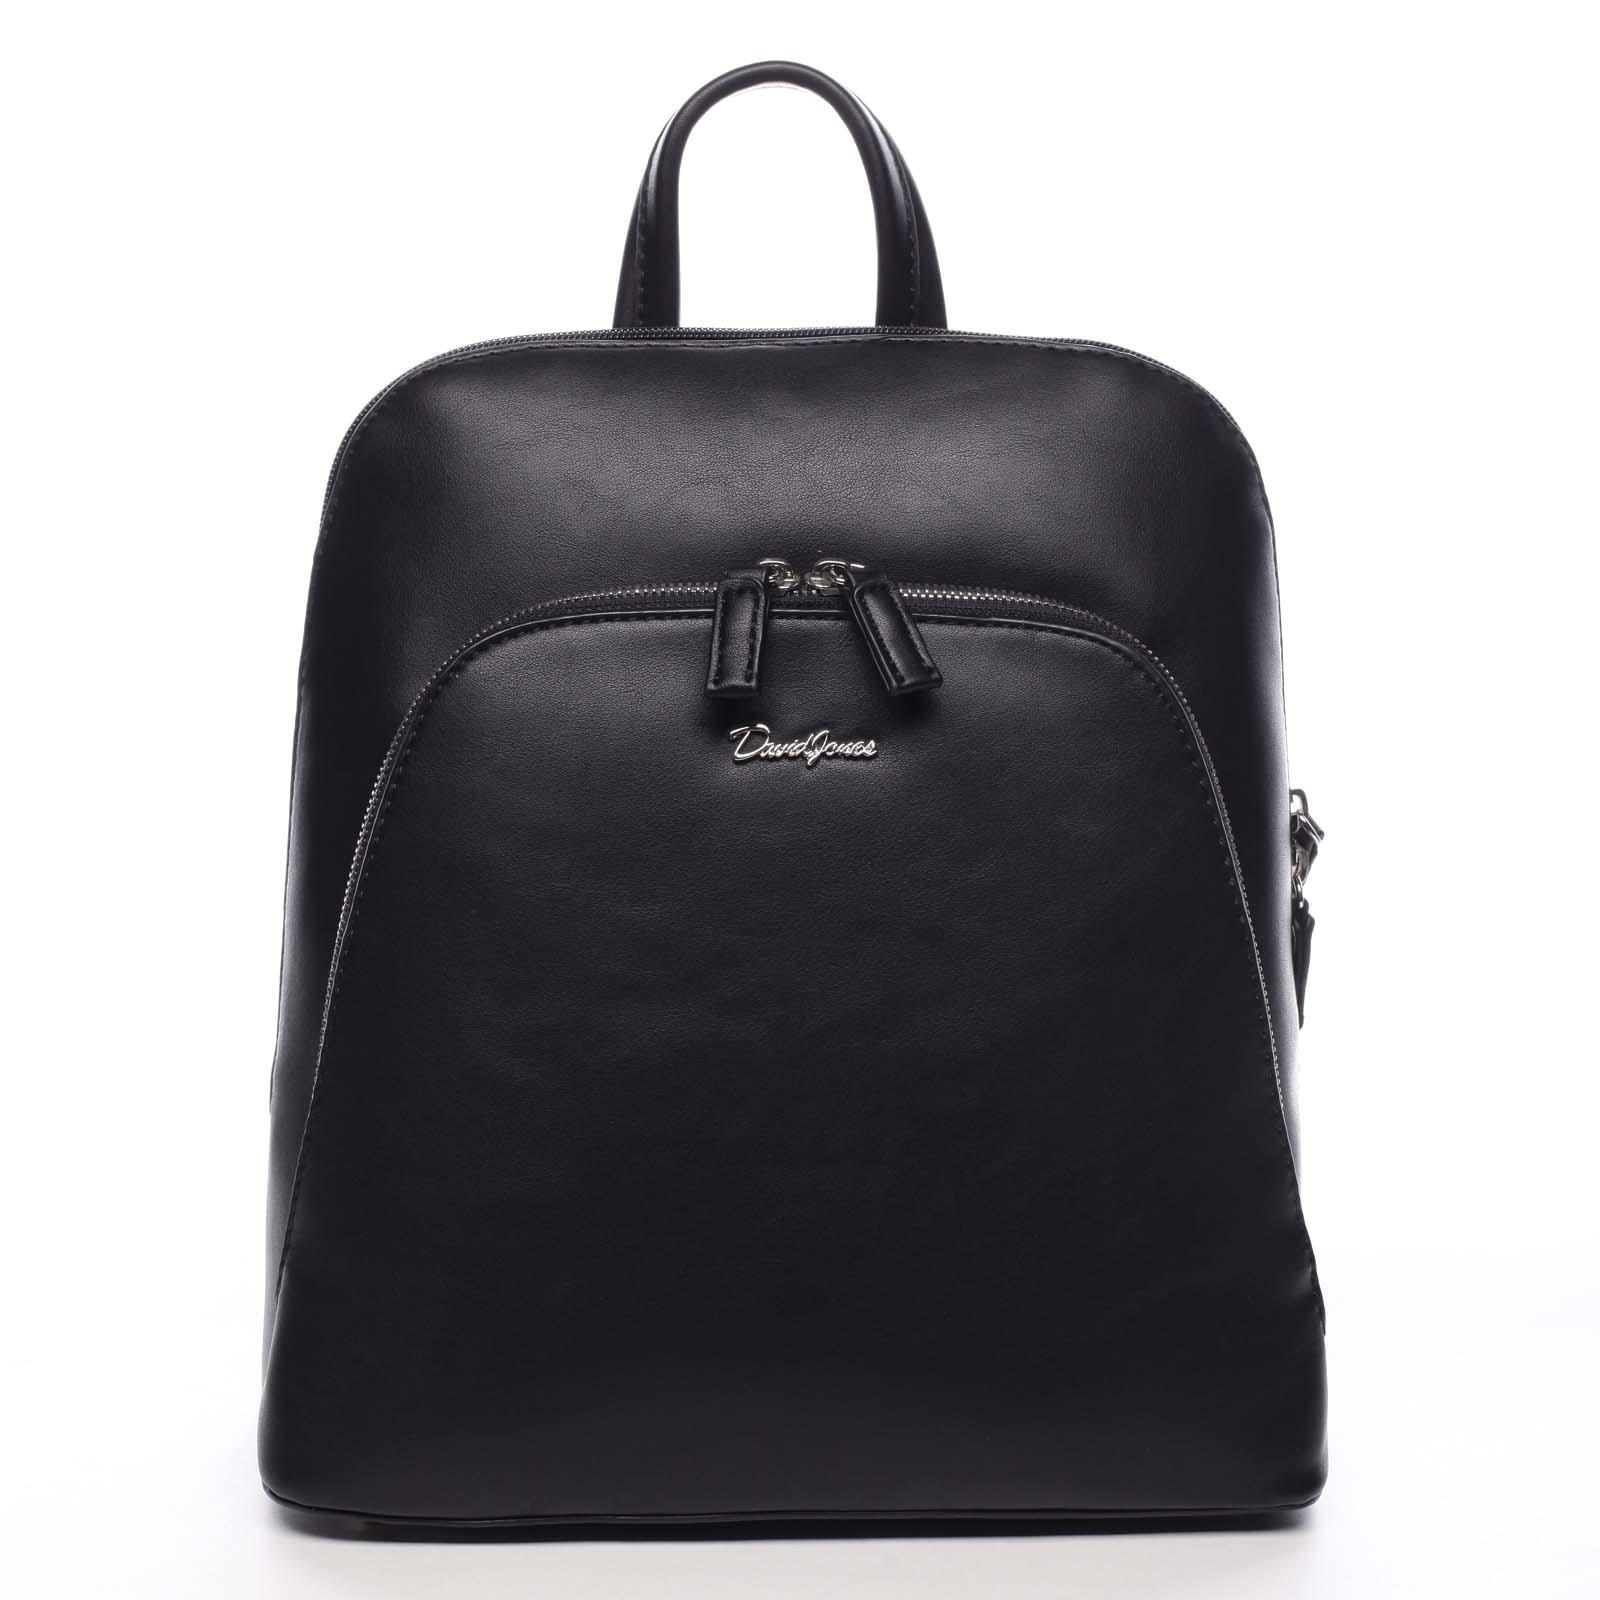 Dámský městský batoh černý - David Jones Yordan